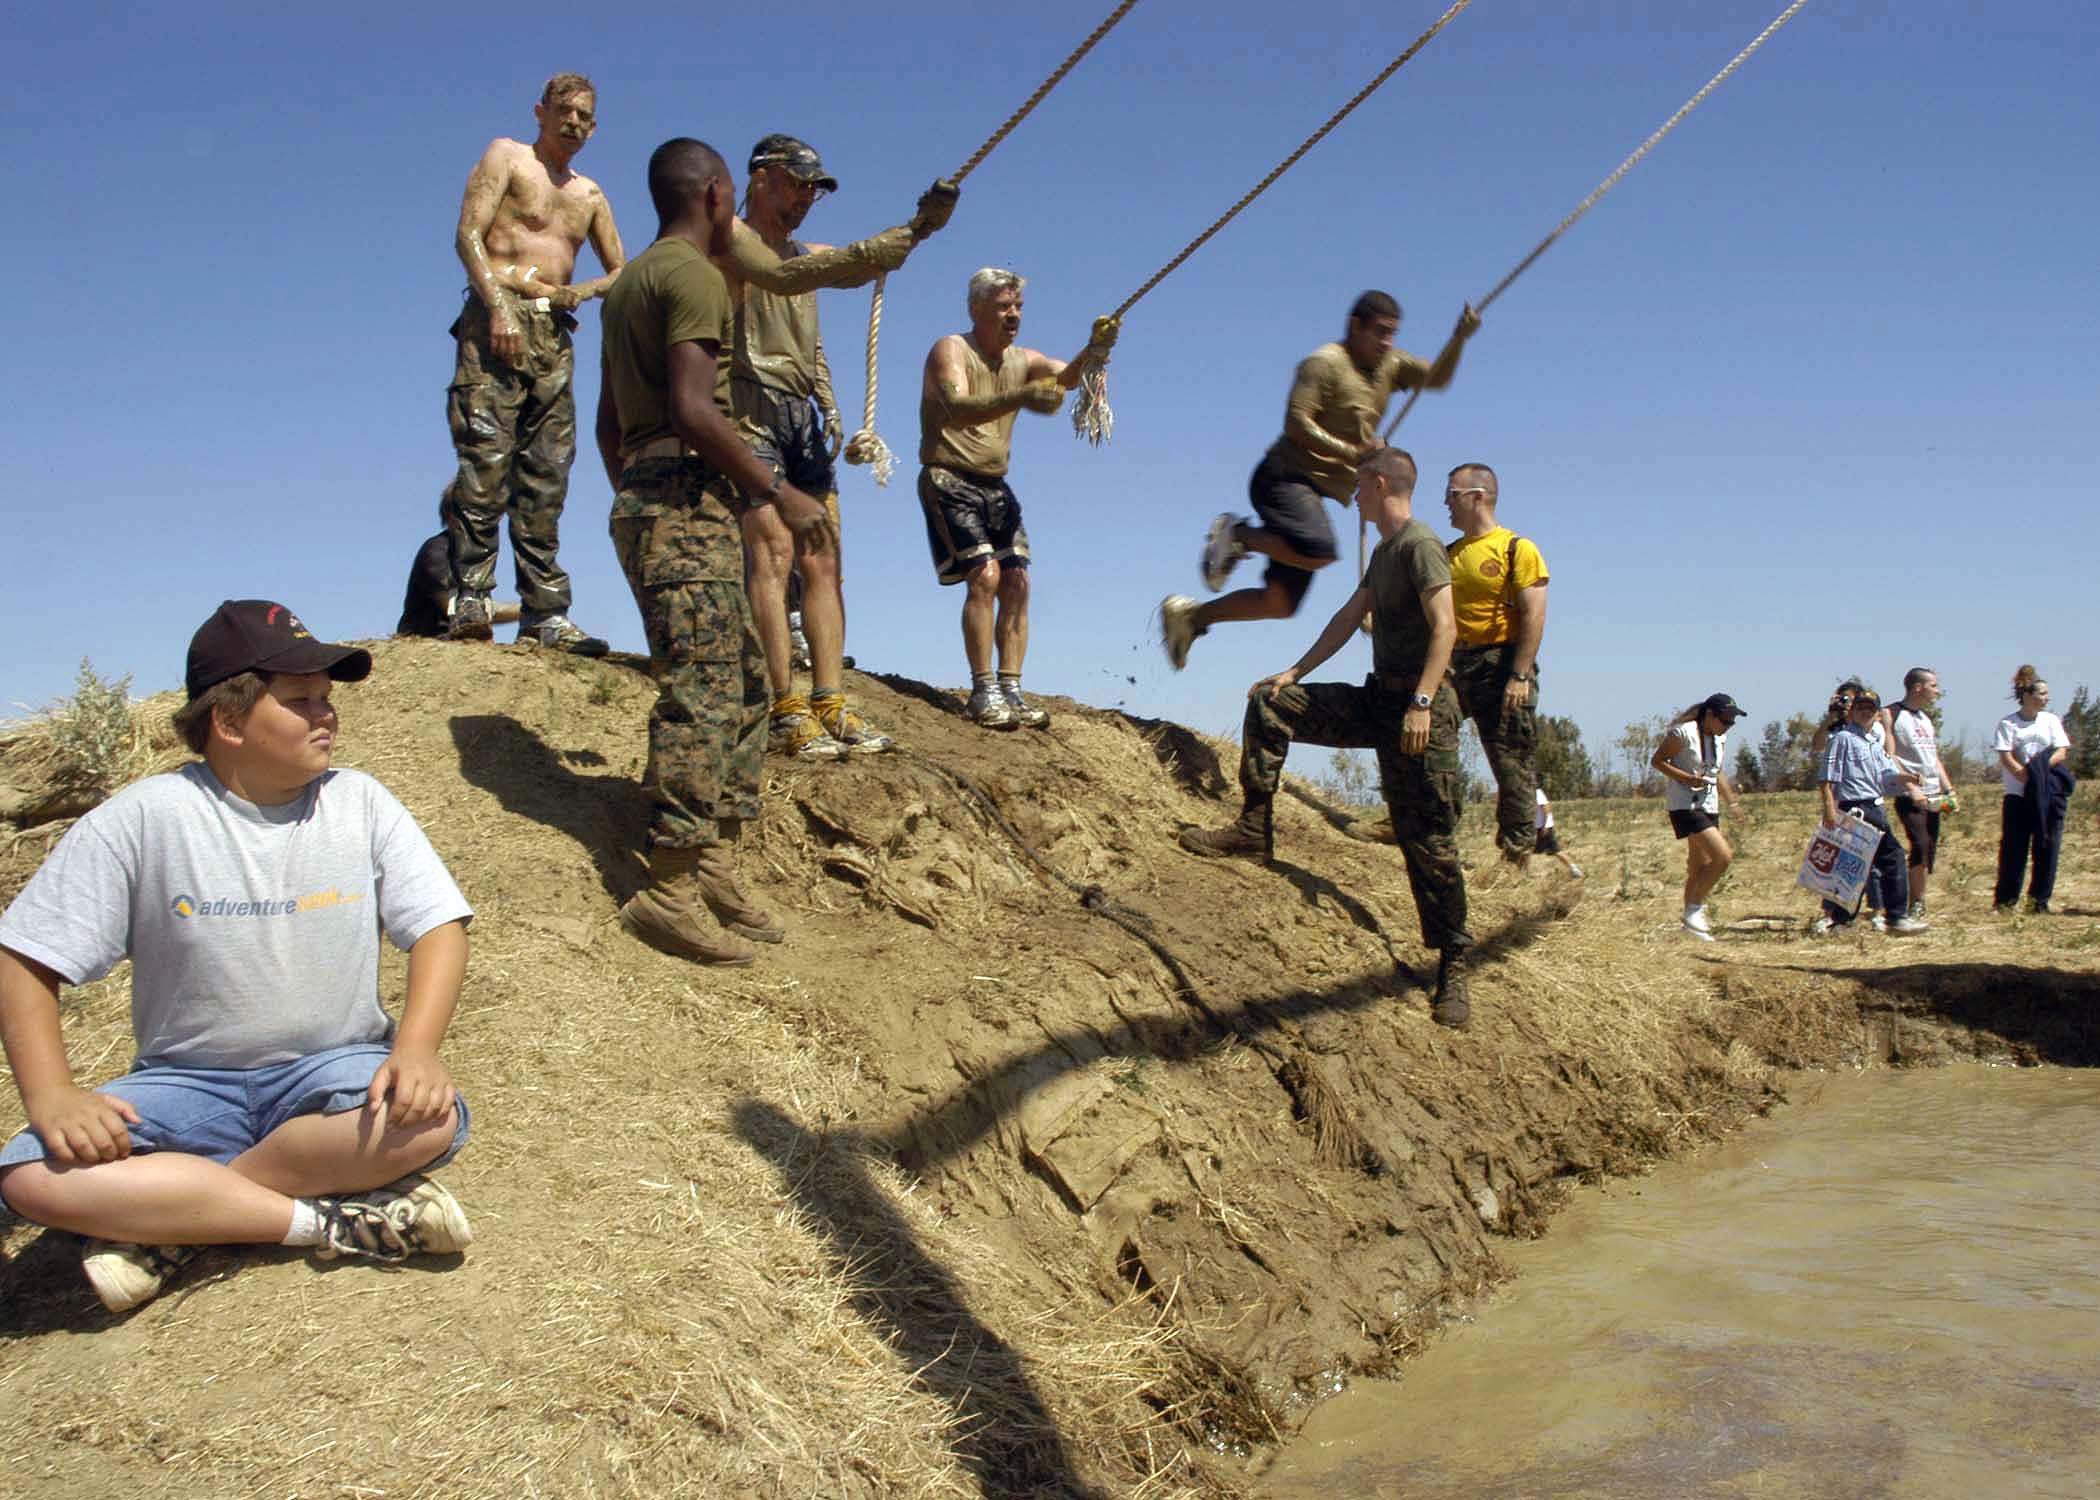 swingers in lemoore california